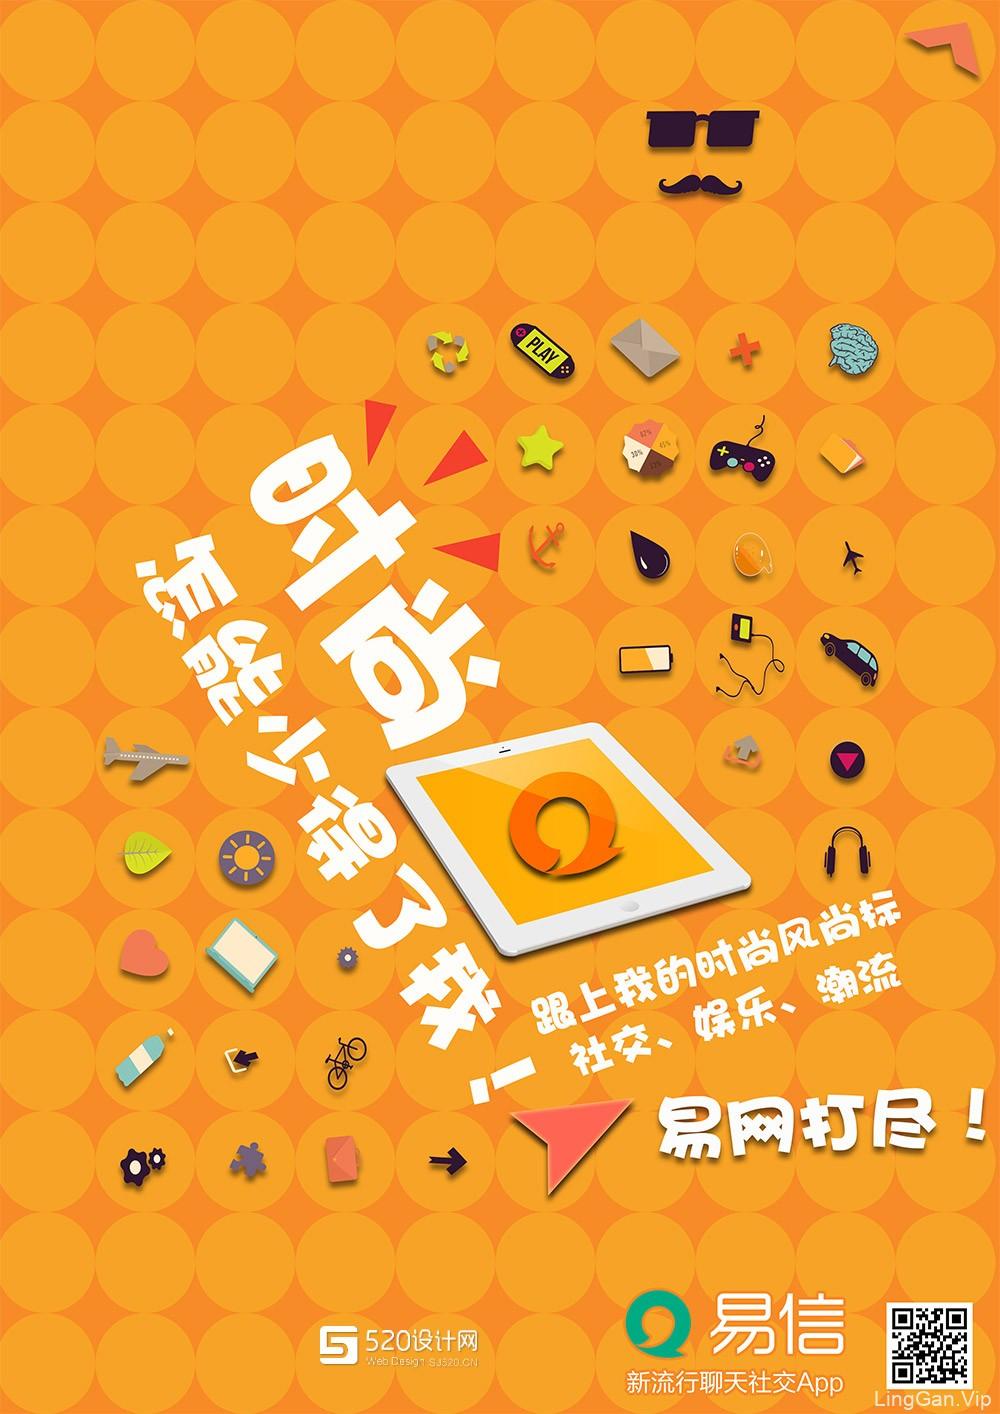 大广赛易信社交APP海报设计